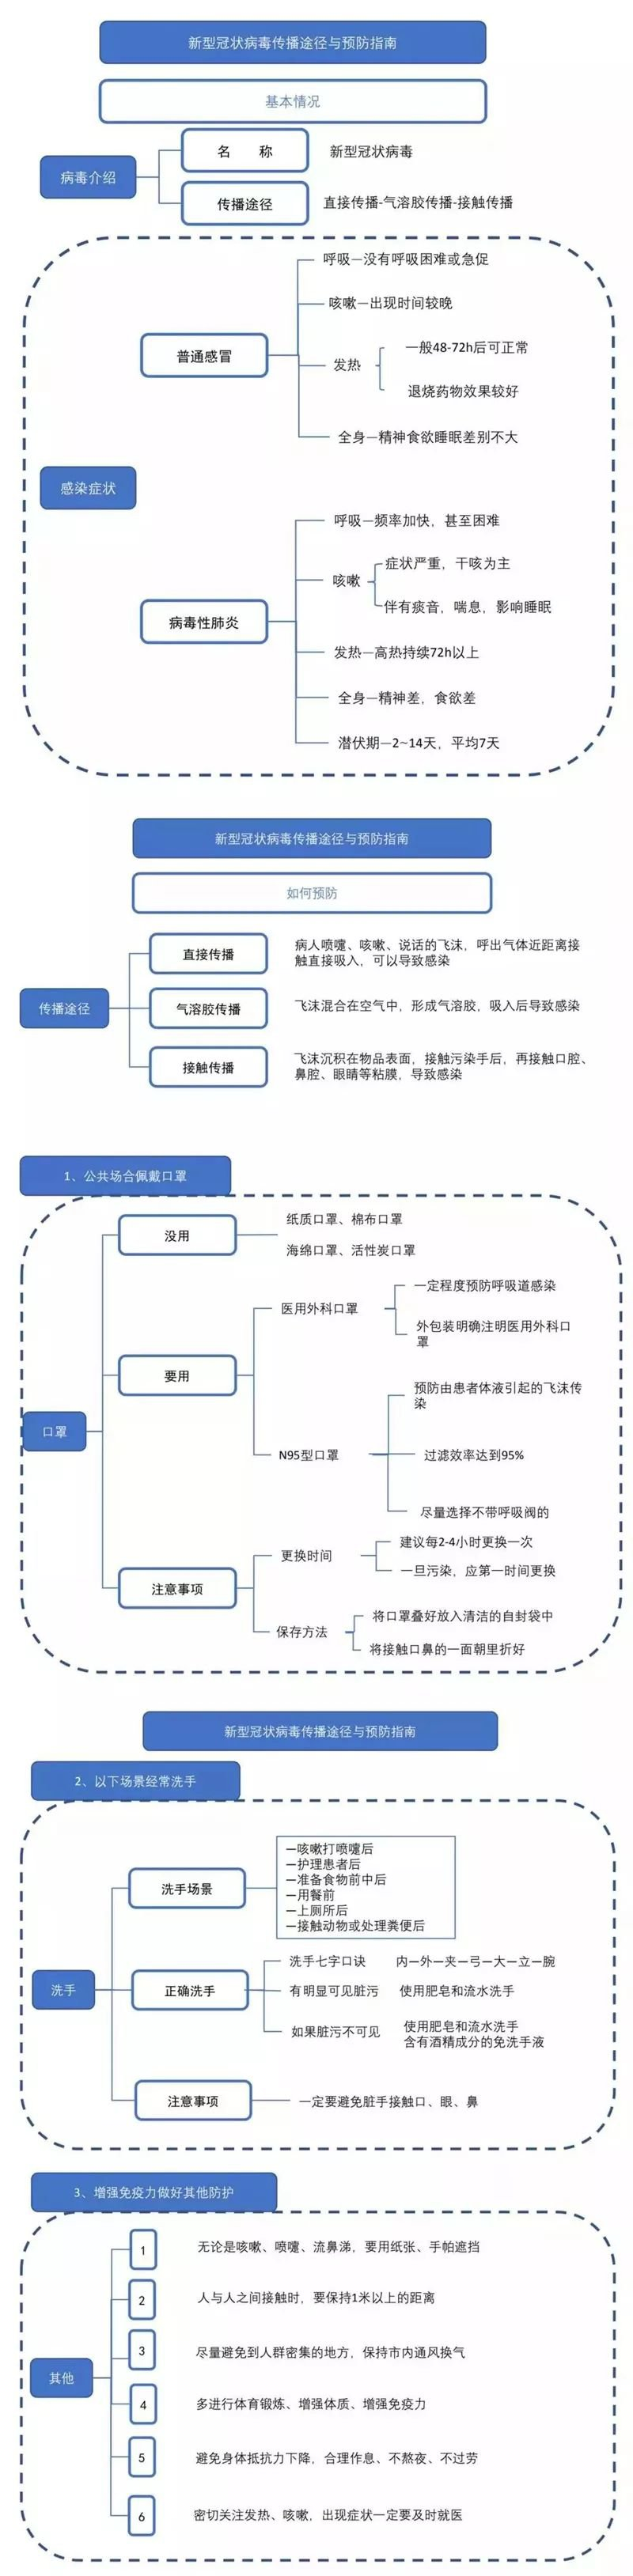 疫情实时动态图_一图看懂新型冠状病毒传播途径与预防指南- 上海本地宝